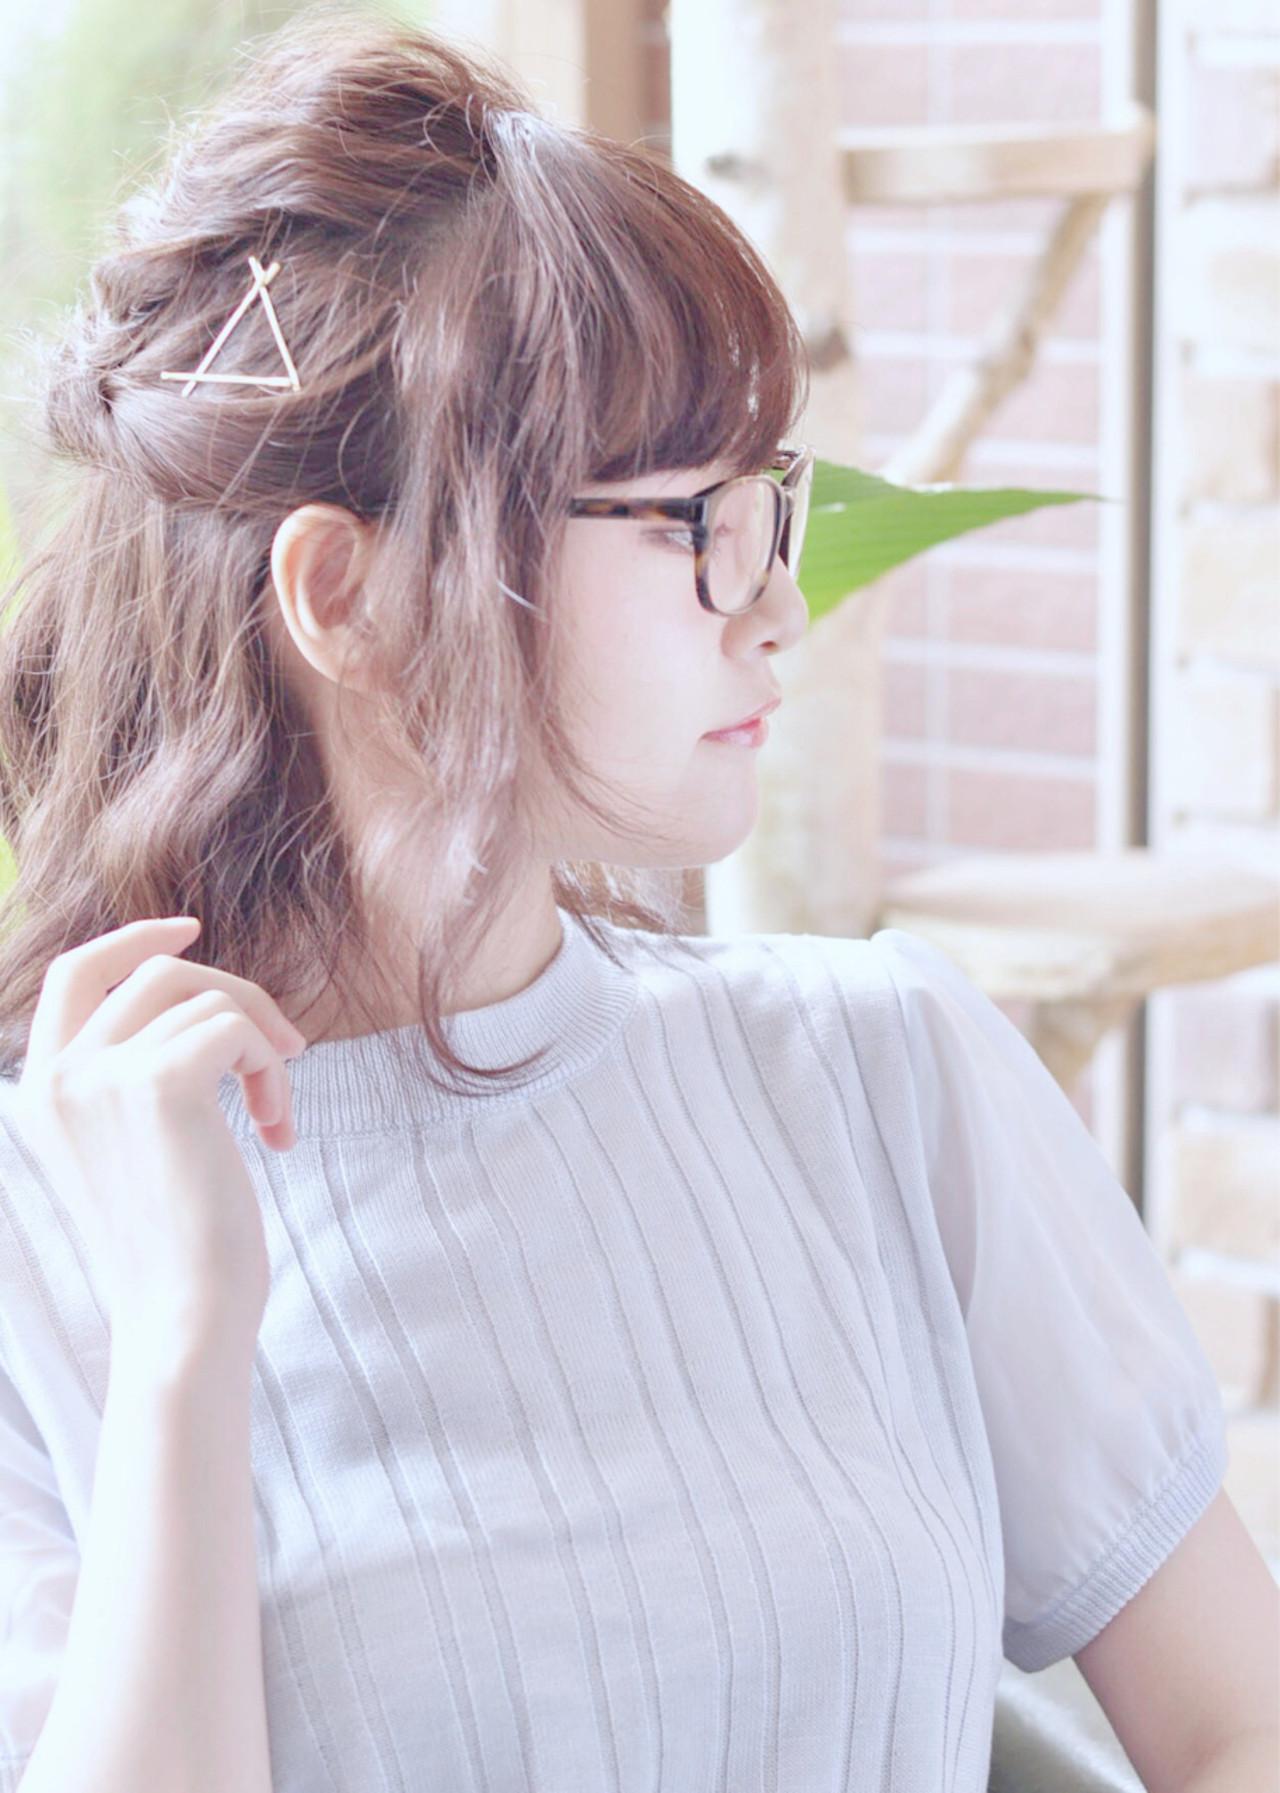 【ミディアム向け】どんなシーンでも使える大人かわいいまとめ髪特集 Haruka